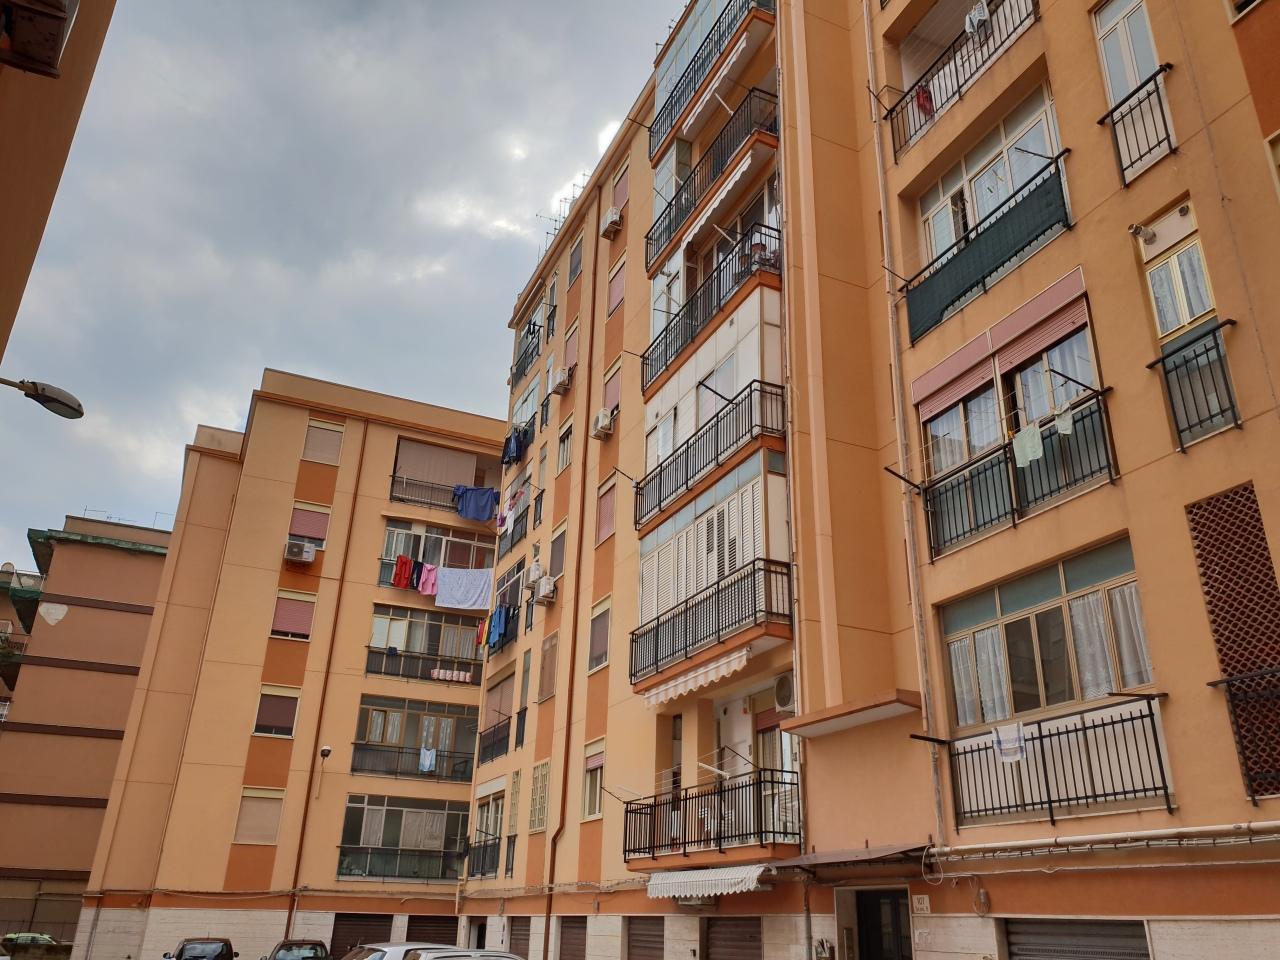 Appartamento - Libero a Tisia Tica Zecchino Filisto, Siracusa